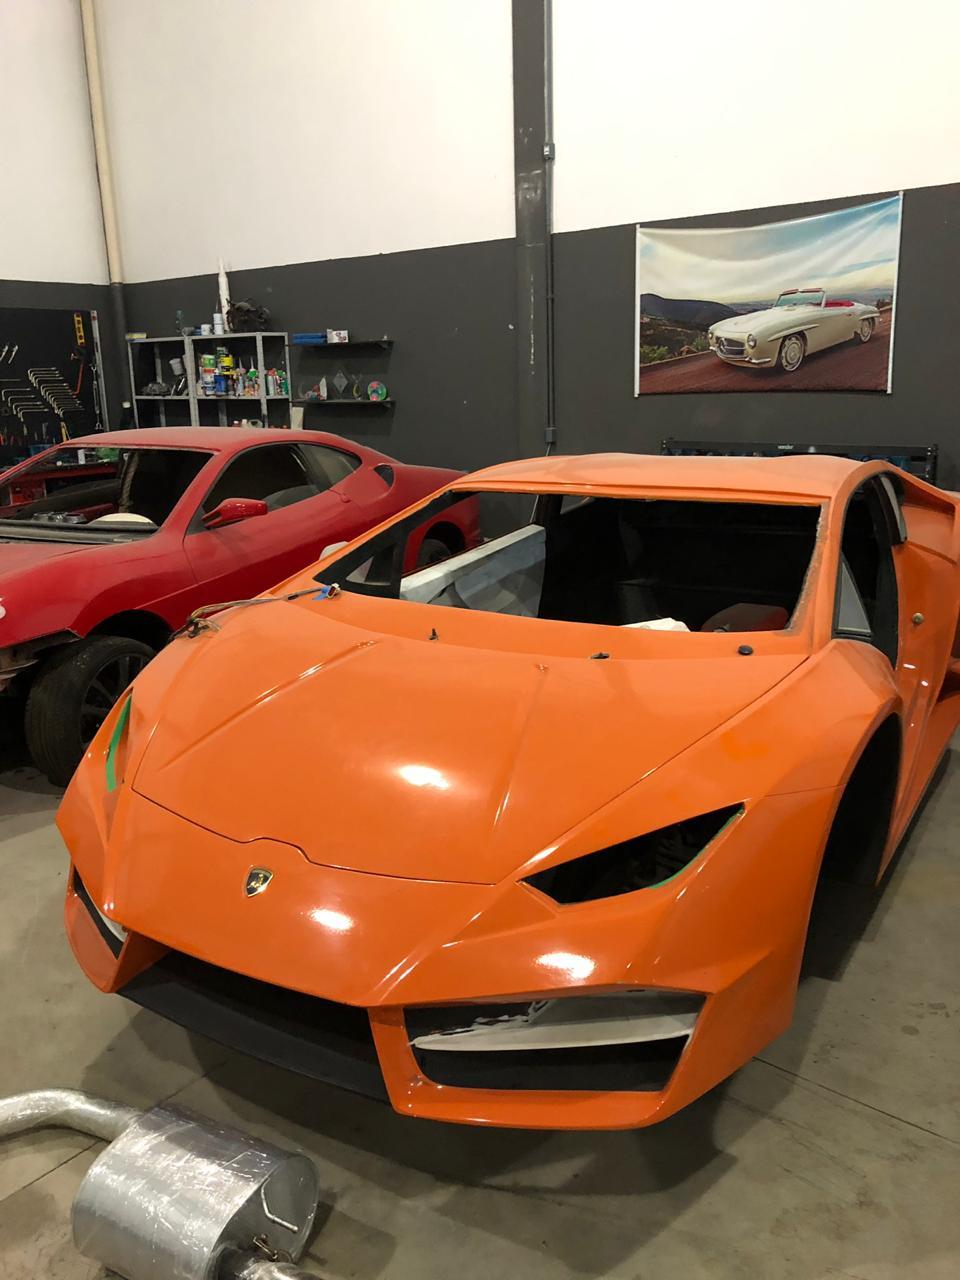 A investigação tiveram início após uma representação das marcas italianas Ferrari e Lamborguini Automobili - Polícia Civil/Divulgação